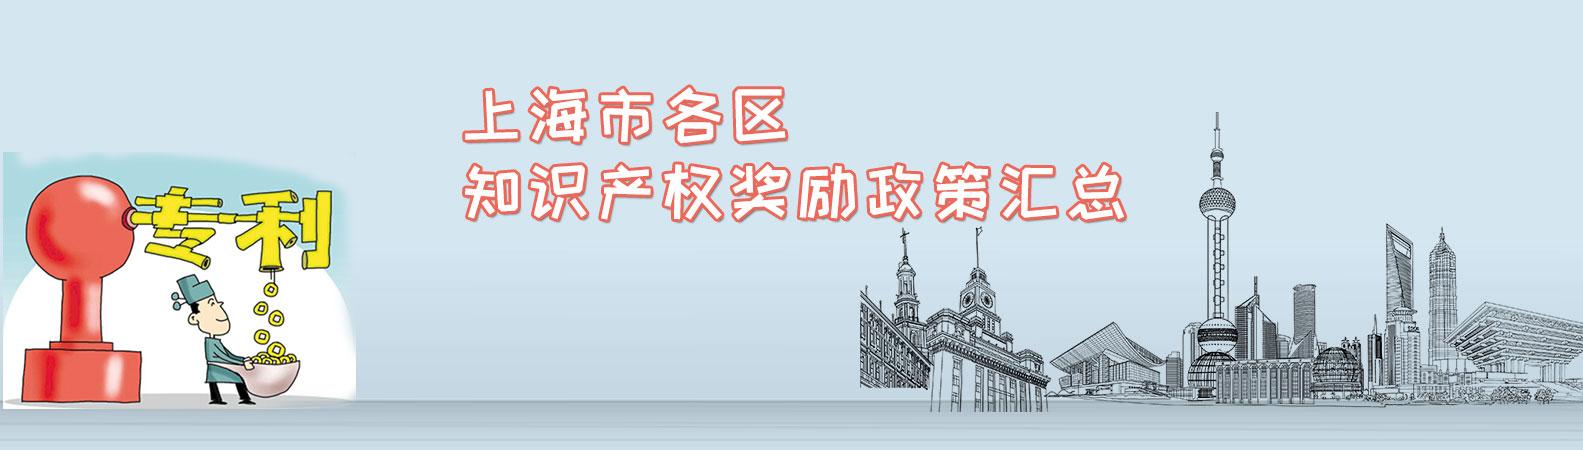 banner-zl180109